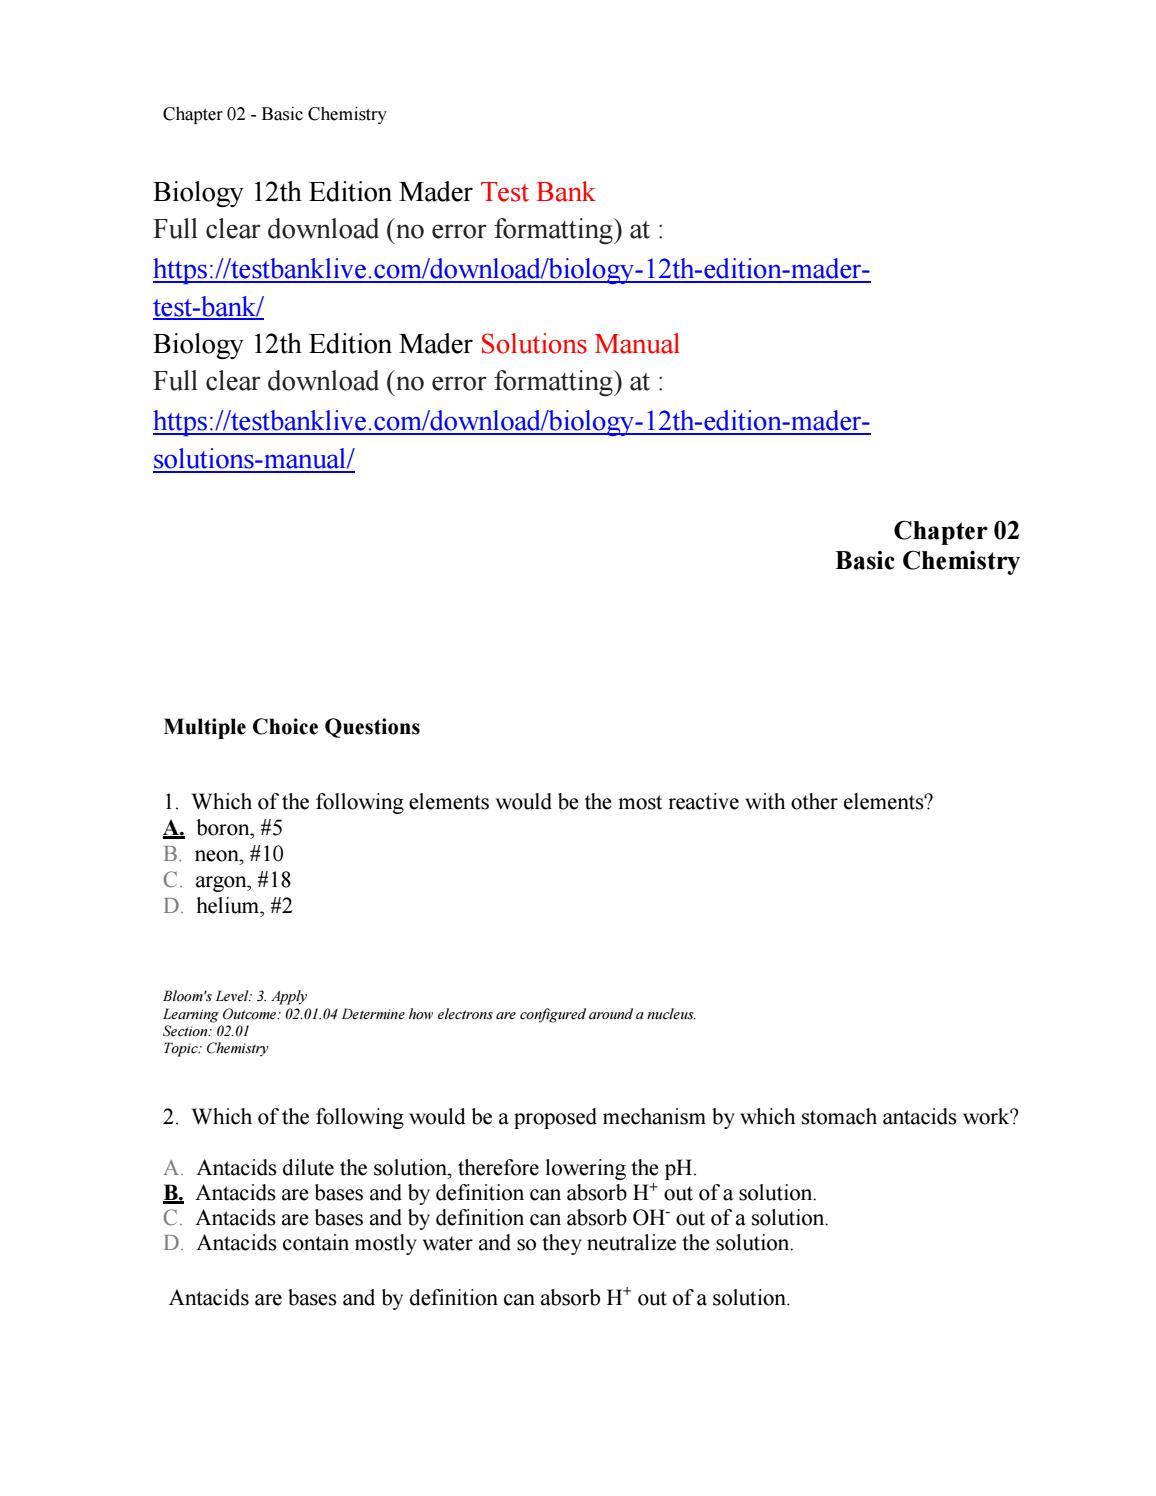 biology 12th edition mader test bank by hazard333 issuu rh issuu com